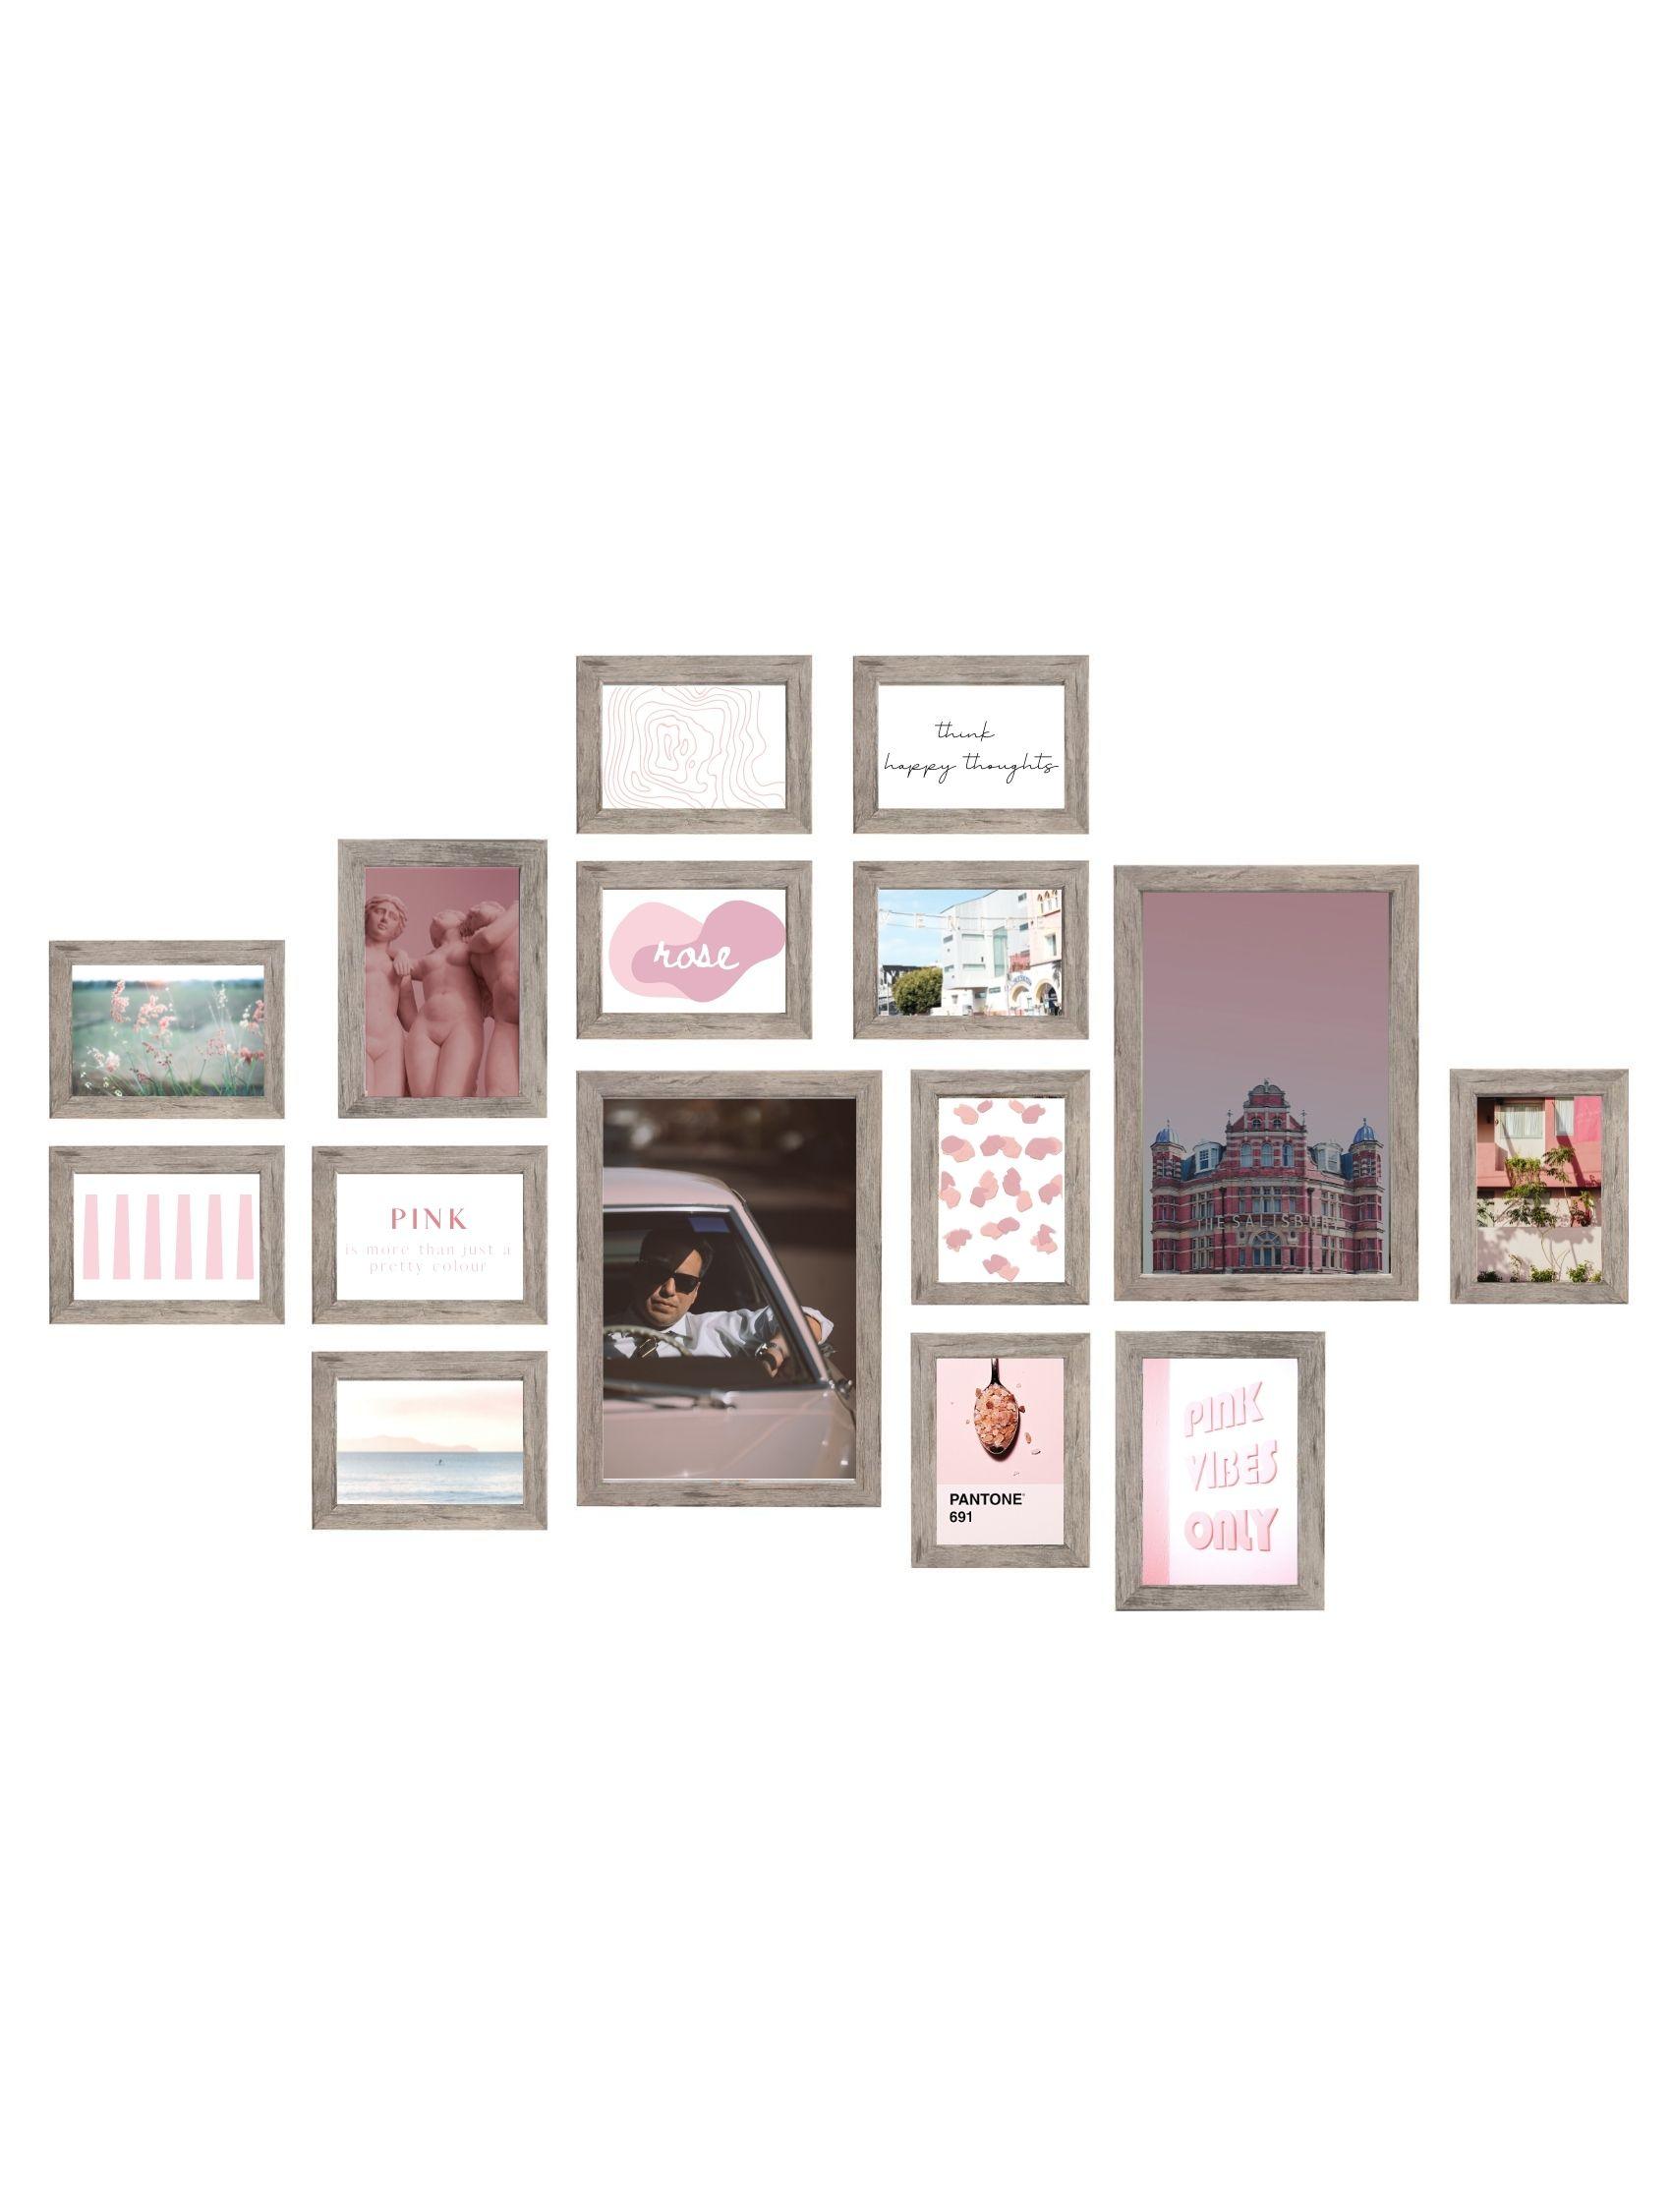 Wall 1 - fotowand 15 grijsbeige houtkleur fotokaders S45RH7 WALL1